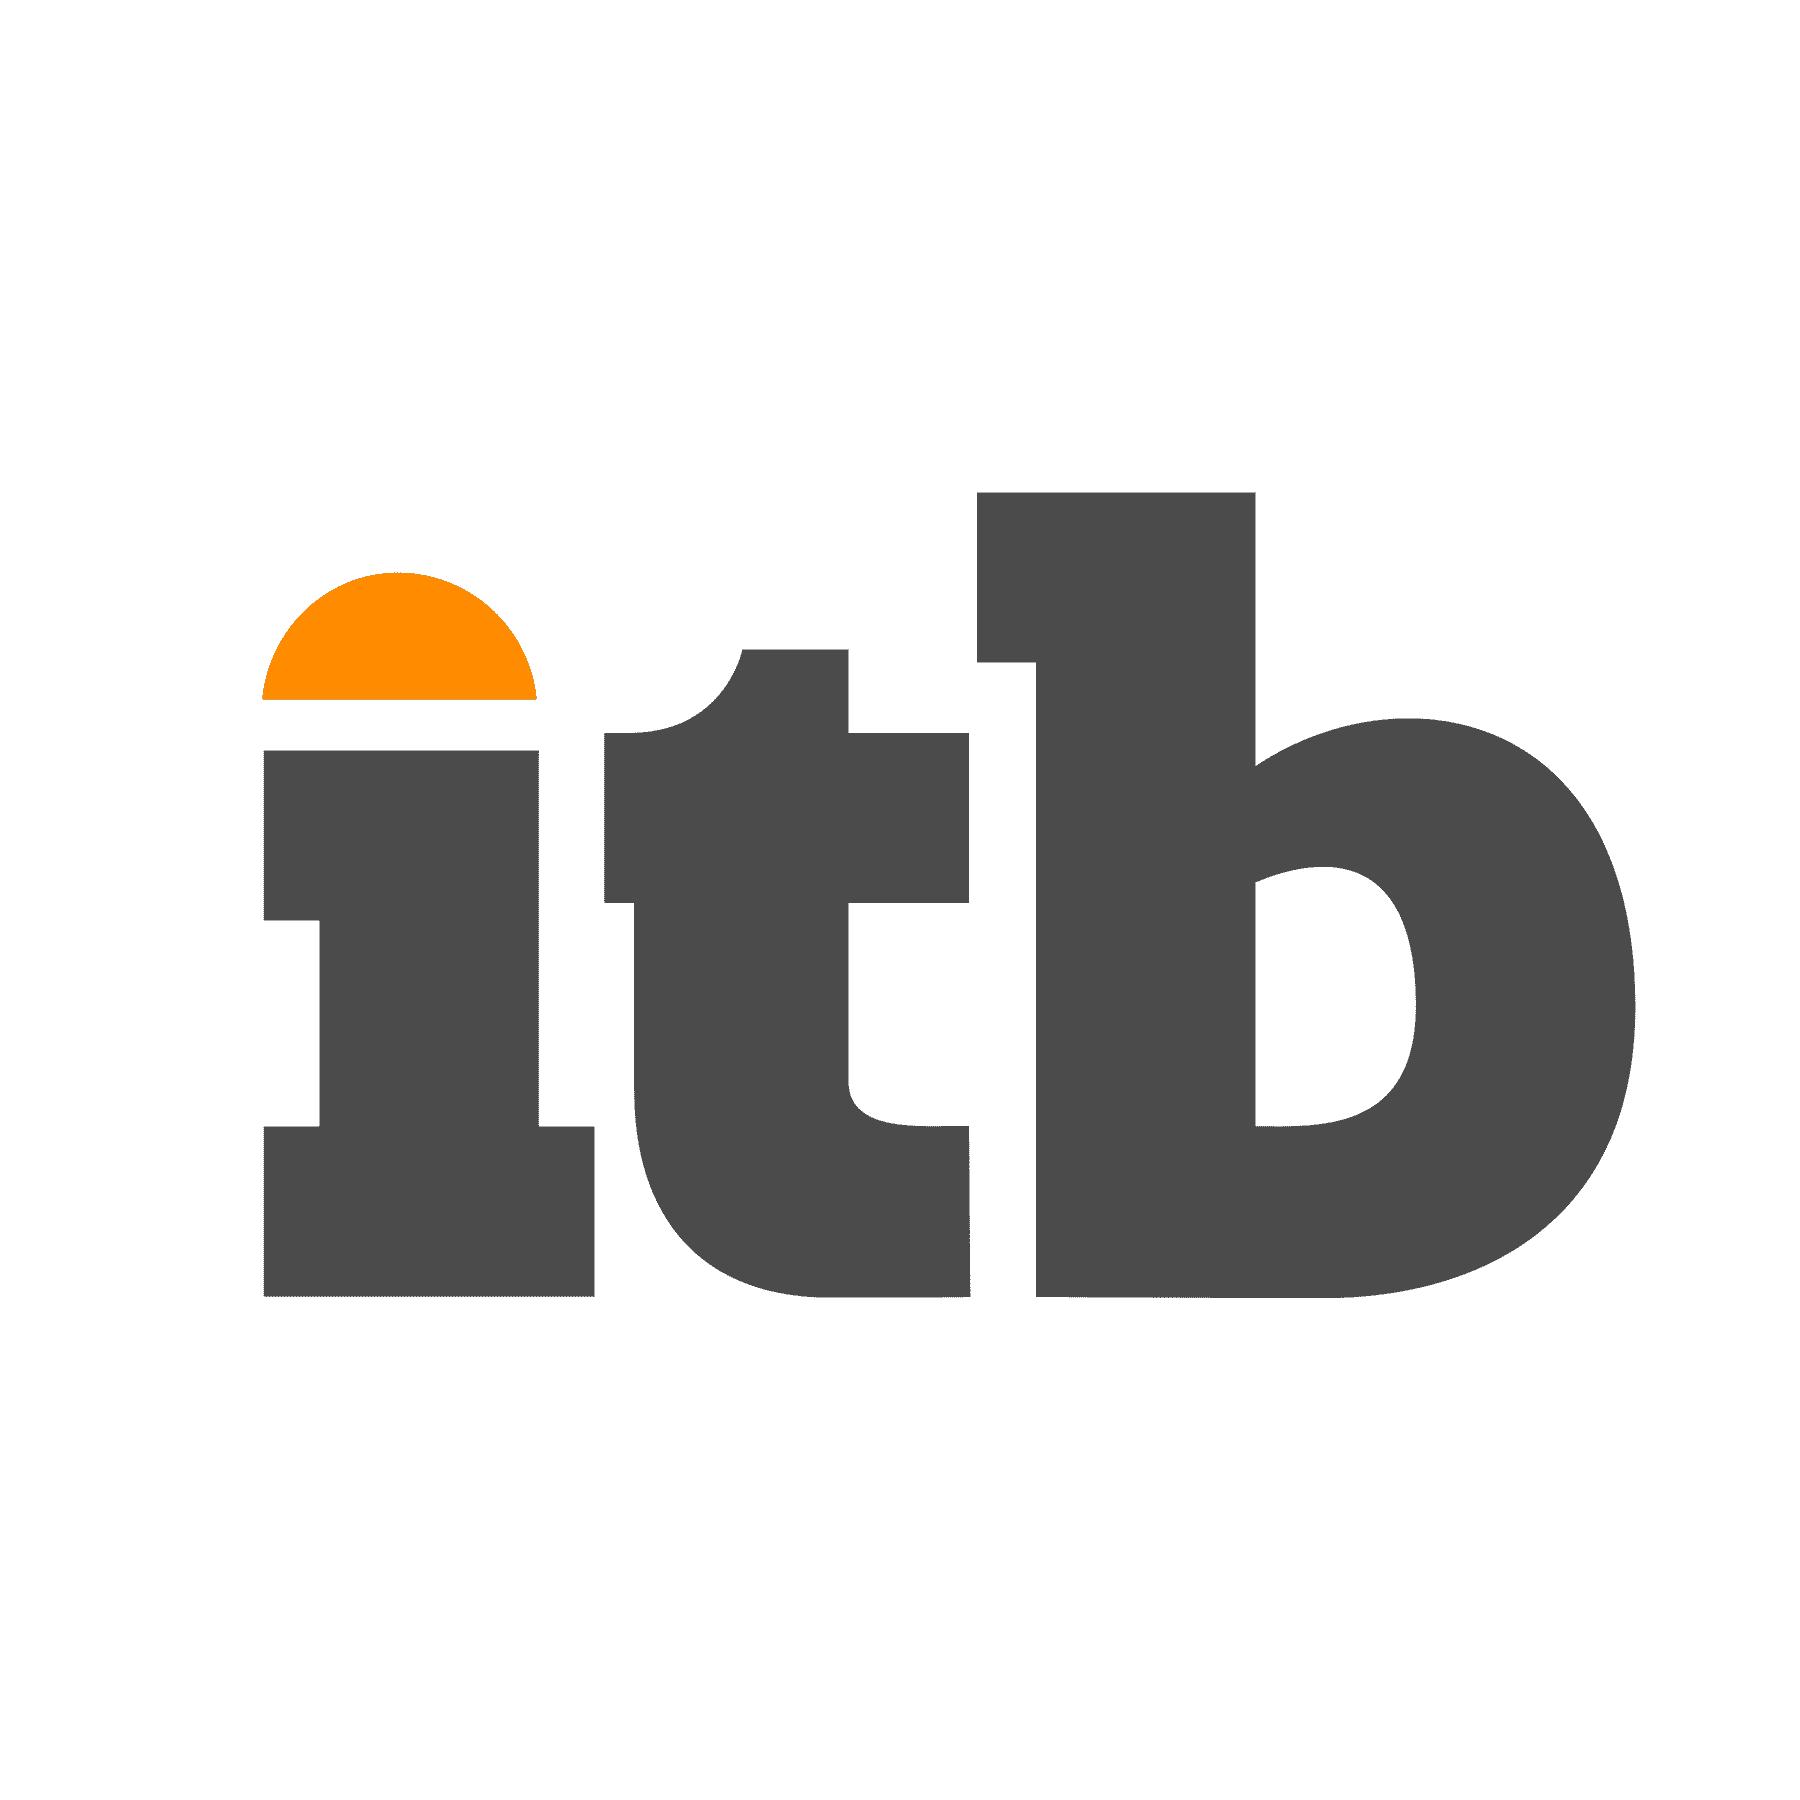 Instituto Tecnológico Brasileiro - Itb